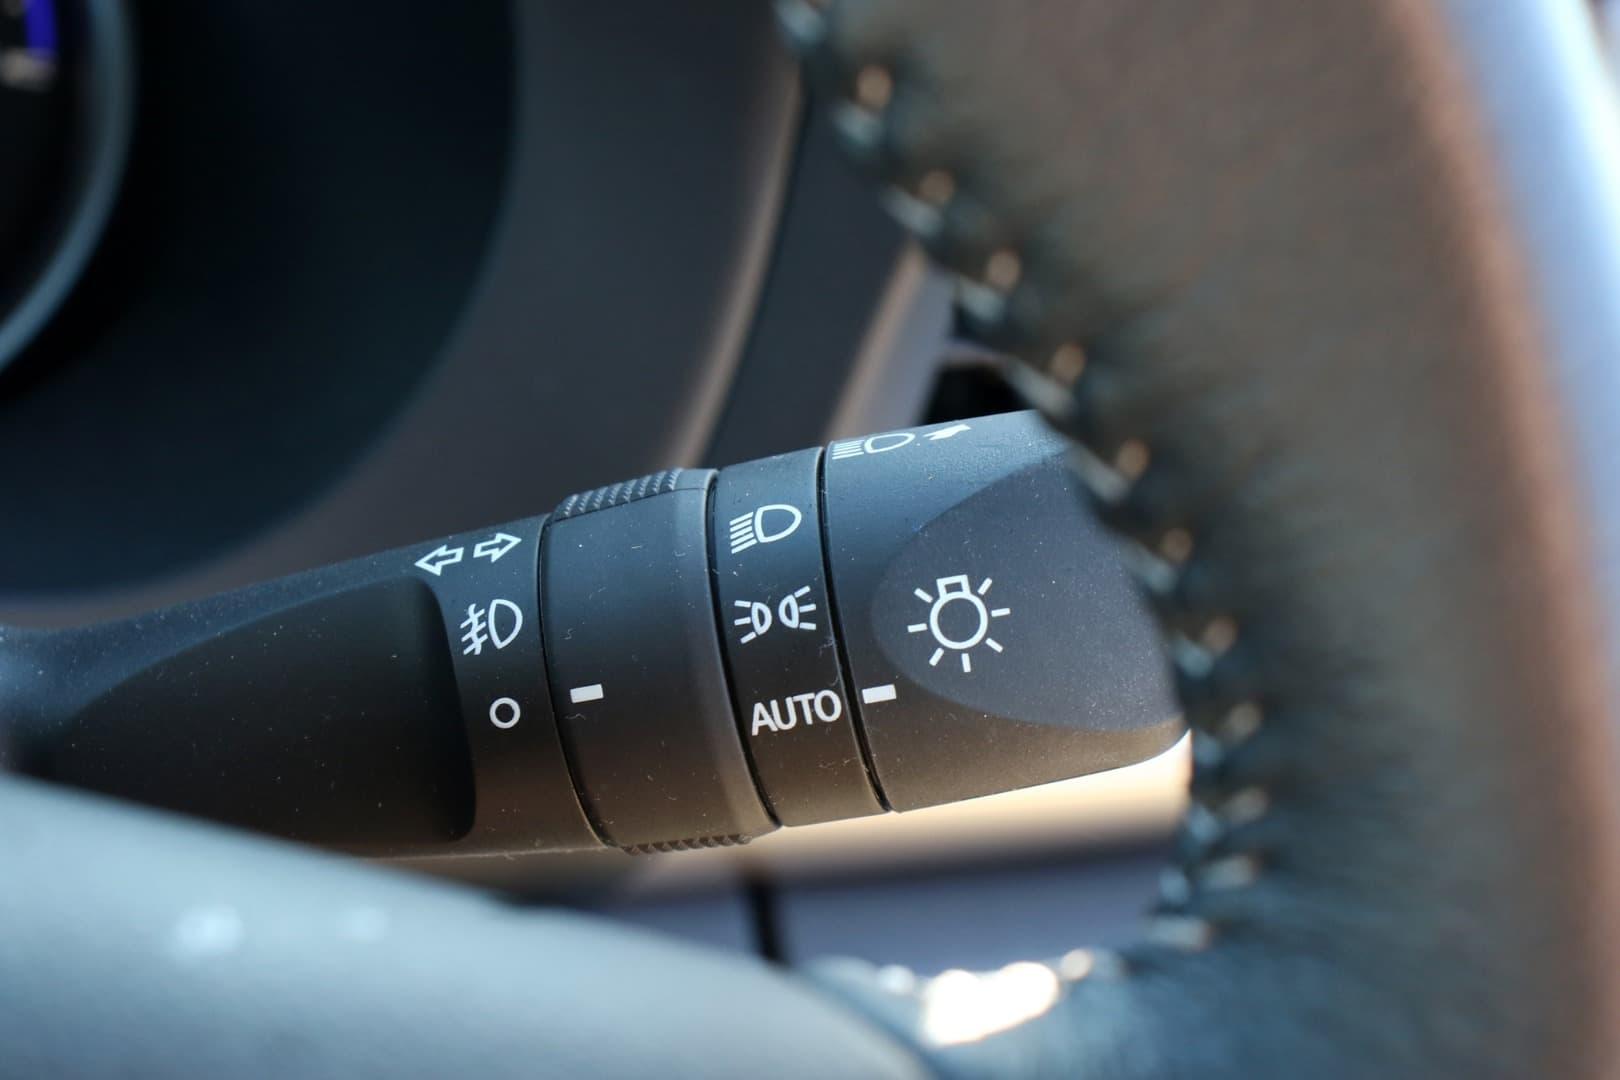 2019 Toyota Hilux SR5 Auto 4x4 Double Cab - image 15